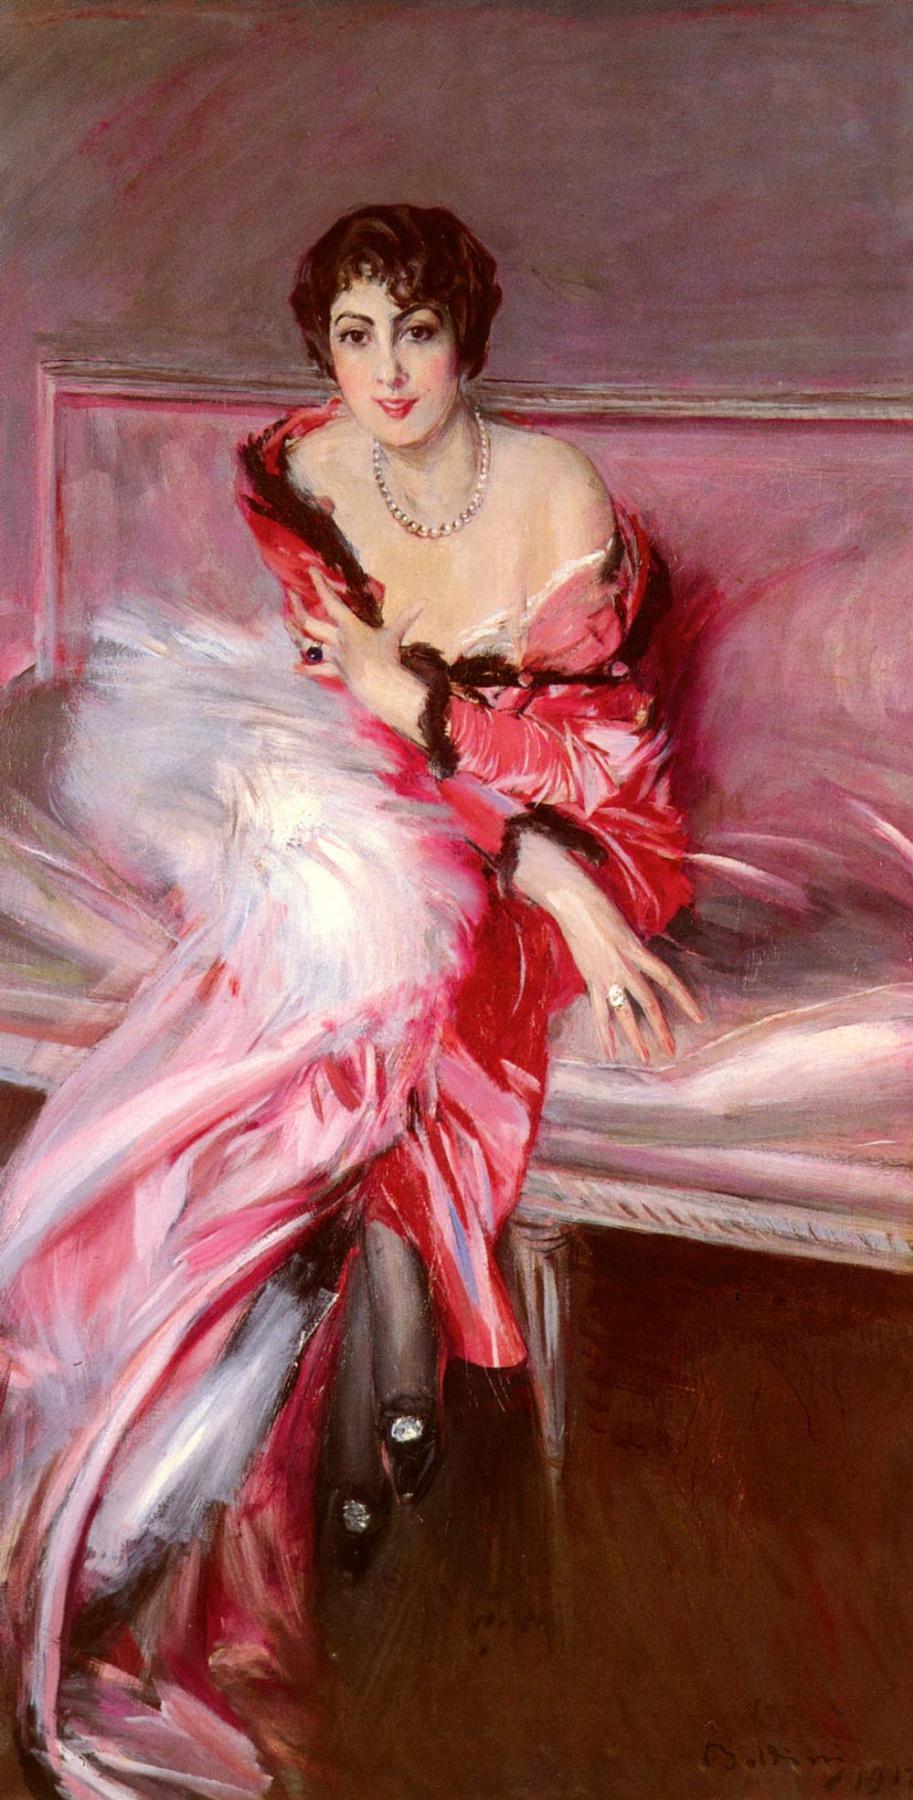 Джованни Больдини. Портрет мадам Джулиард в красном